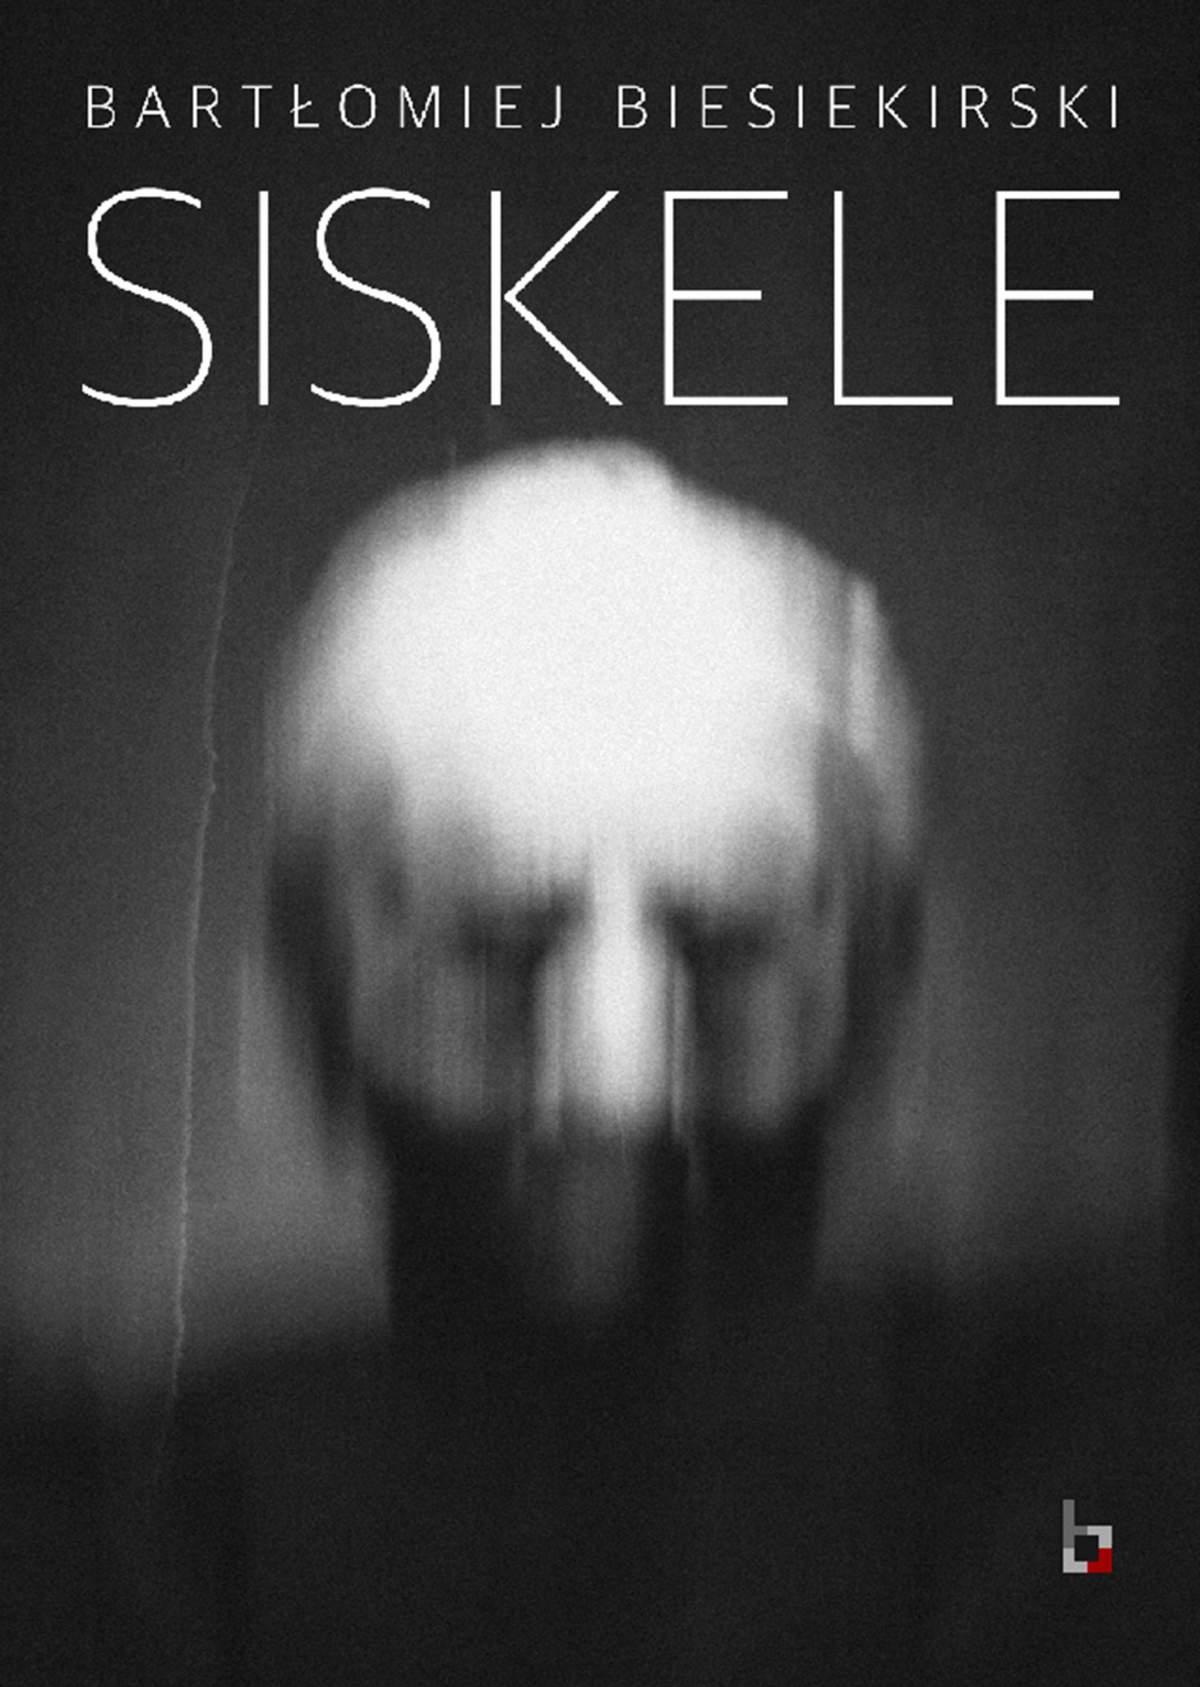 Siskele - Ebook (Książka EPUB) do pobrania w formacie EPUB